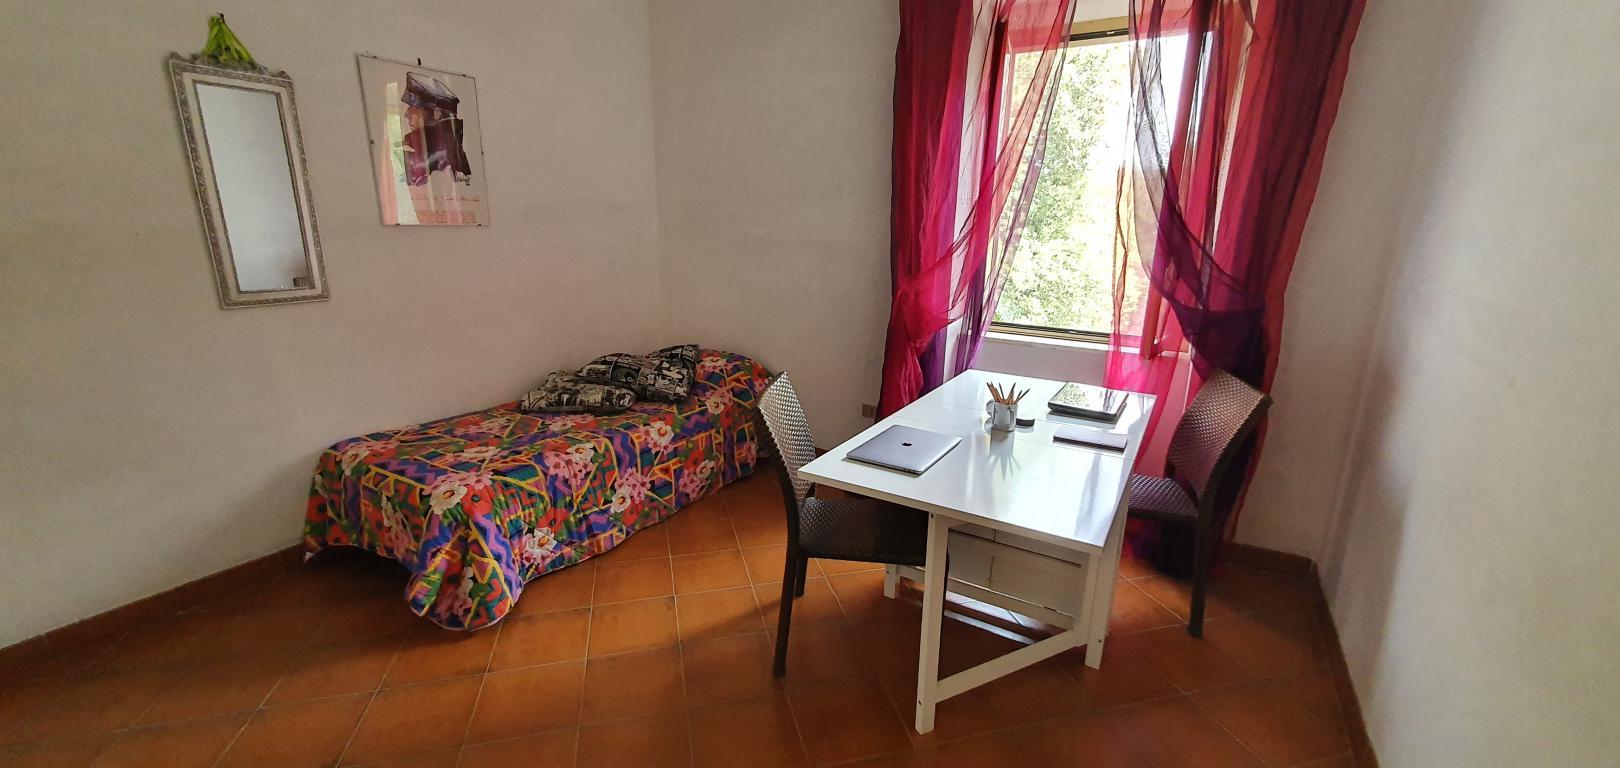 16 - Santa Restituta - Bifamiliare - Camera da letto - Studio